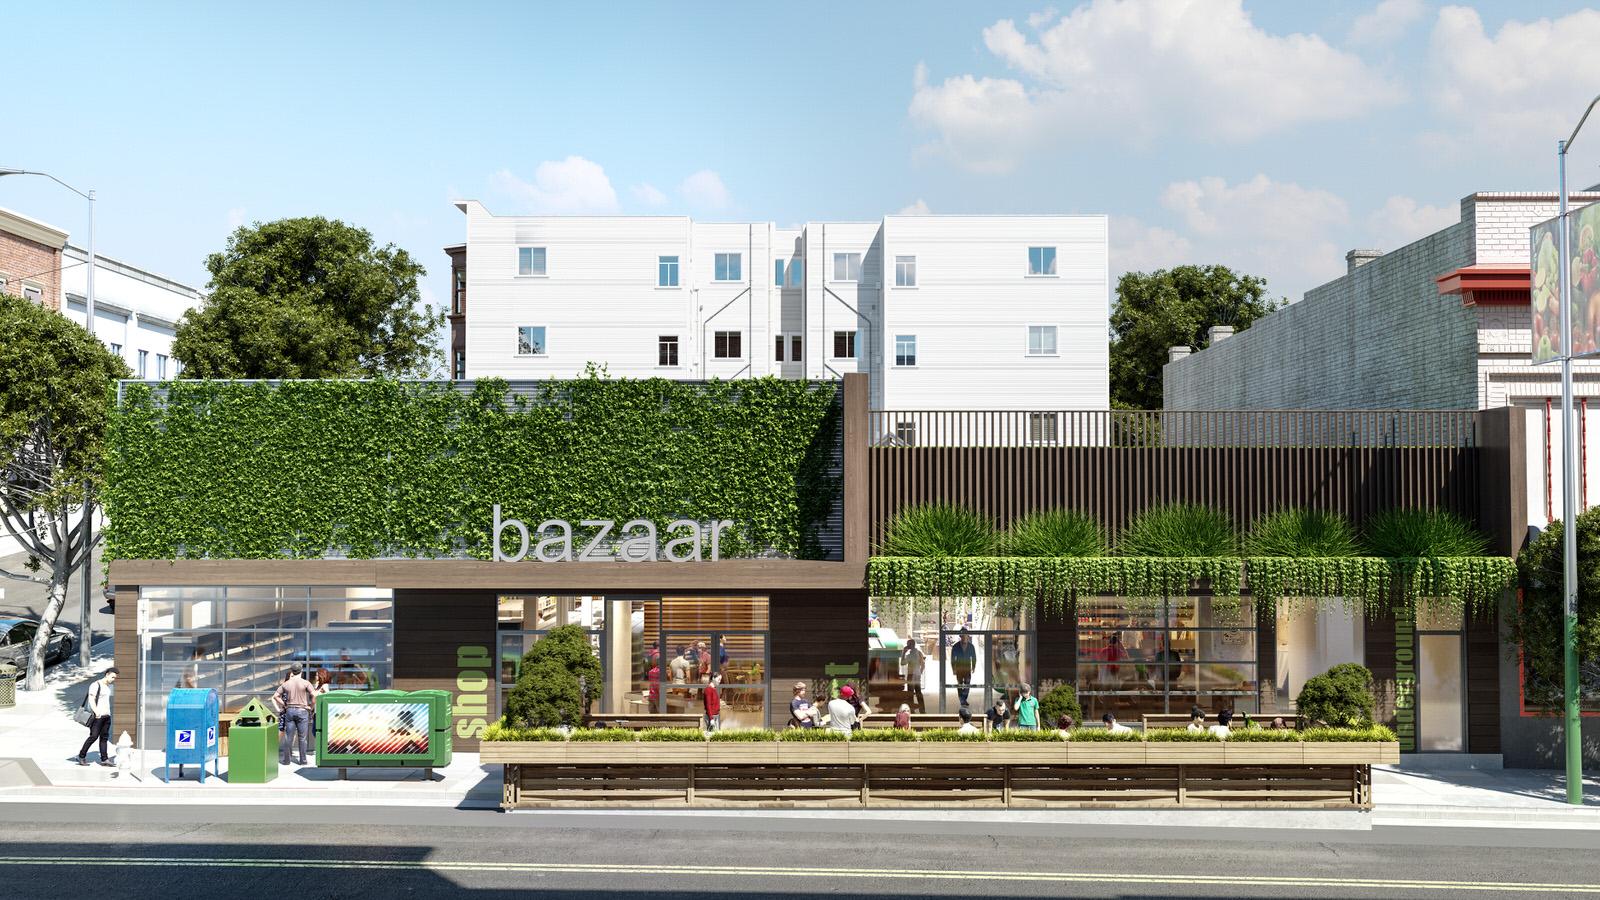 Bazaar (1)